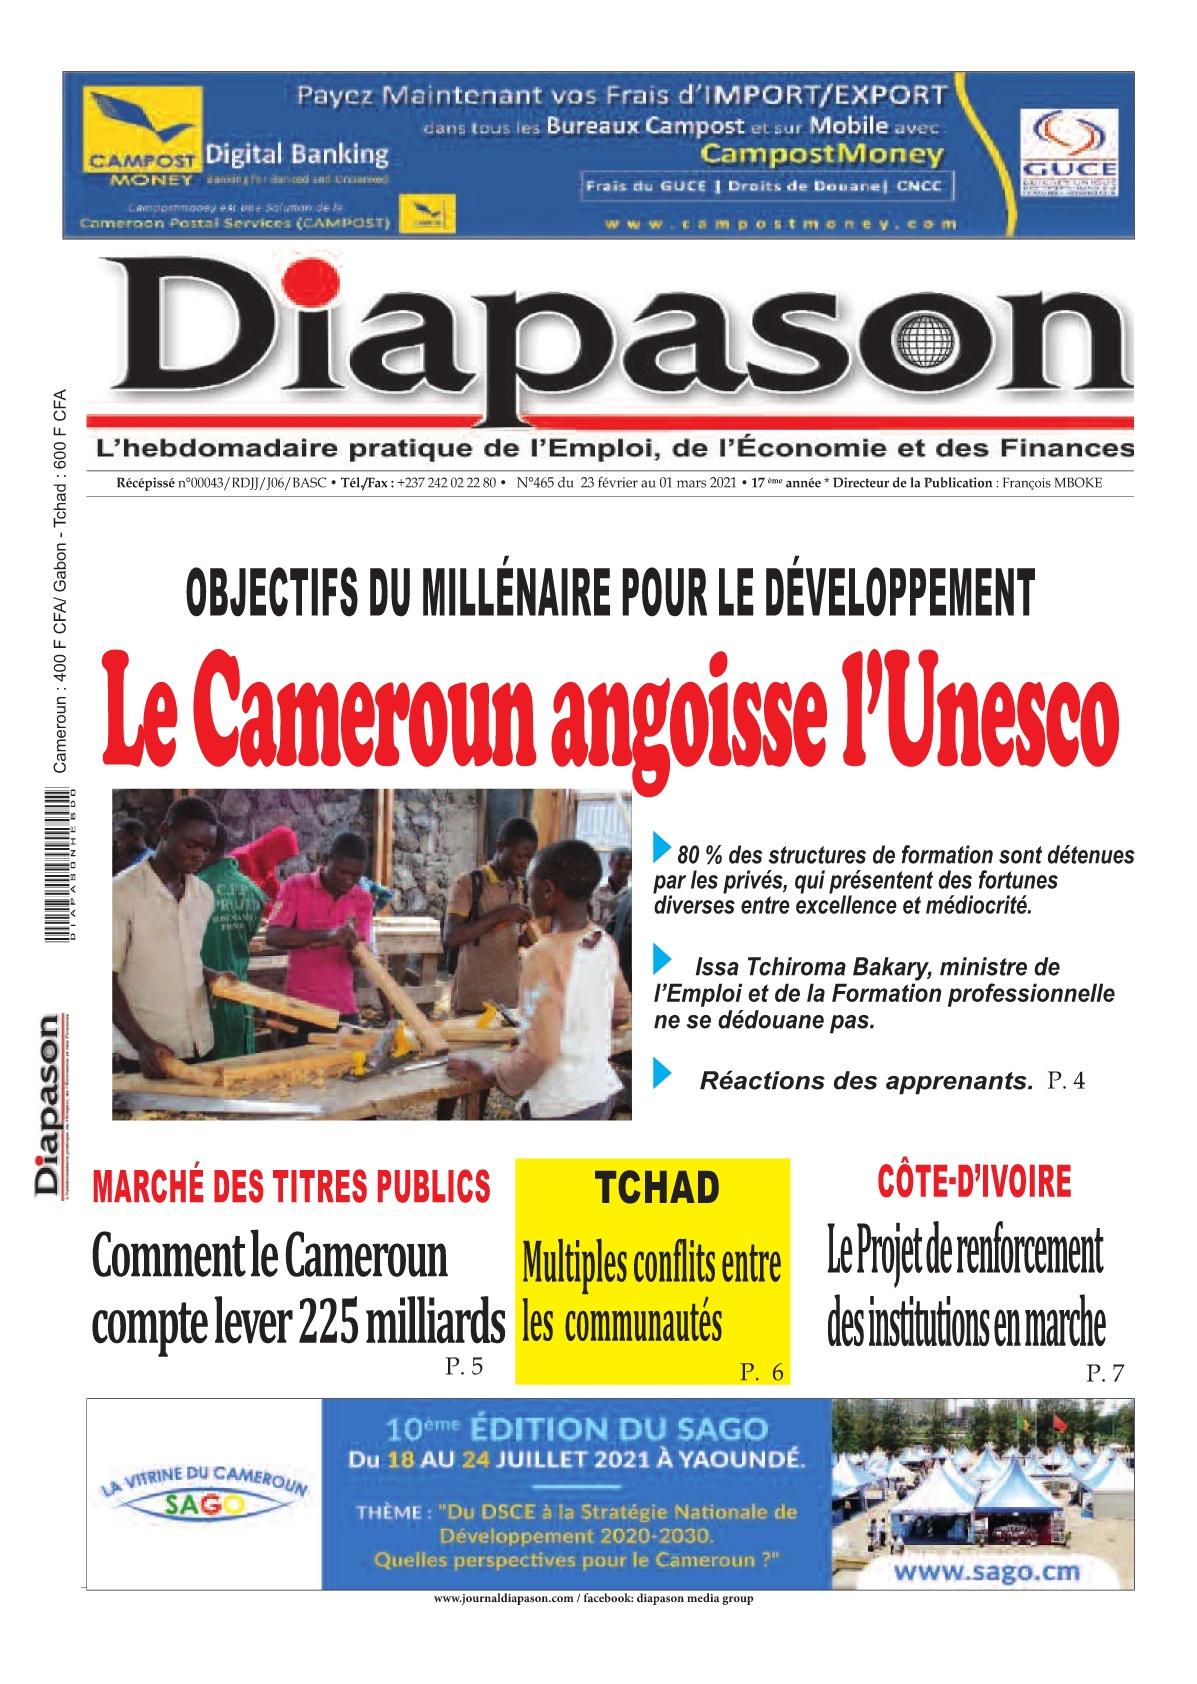 Diapason - 24/02/2021